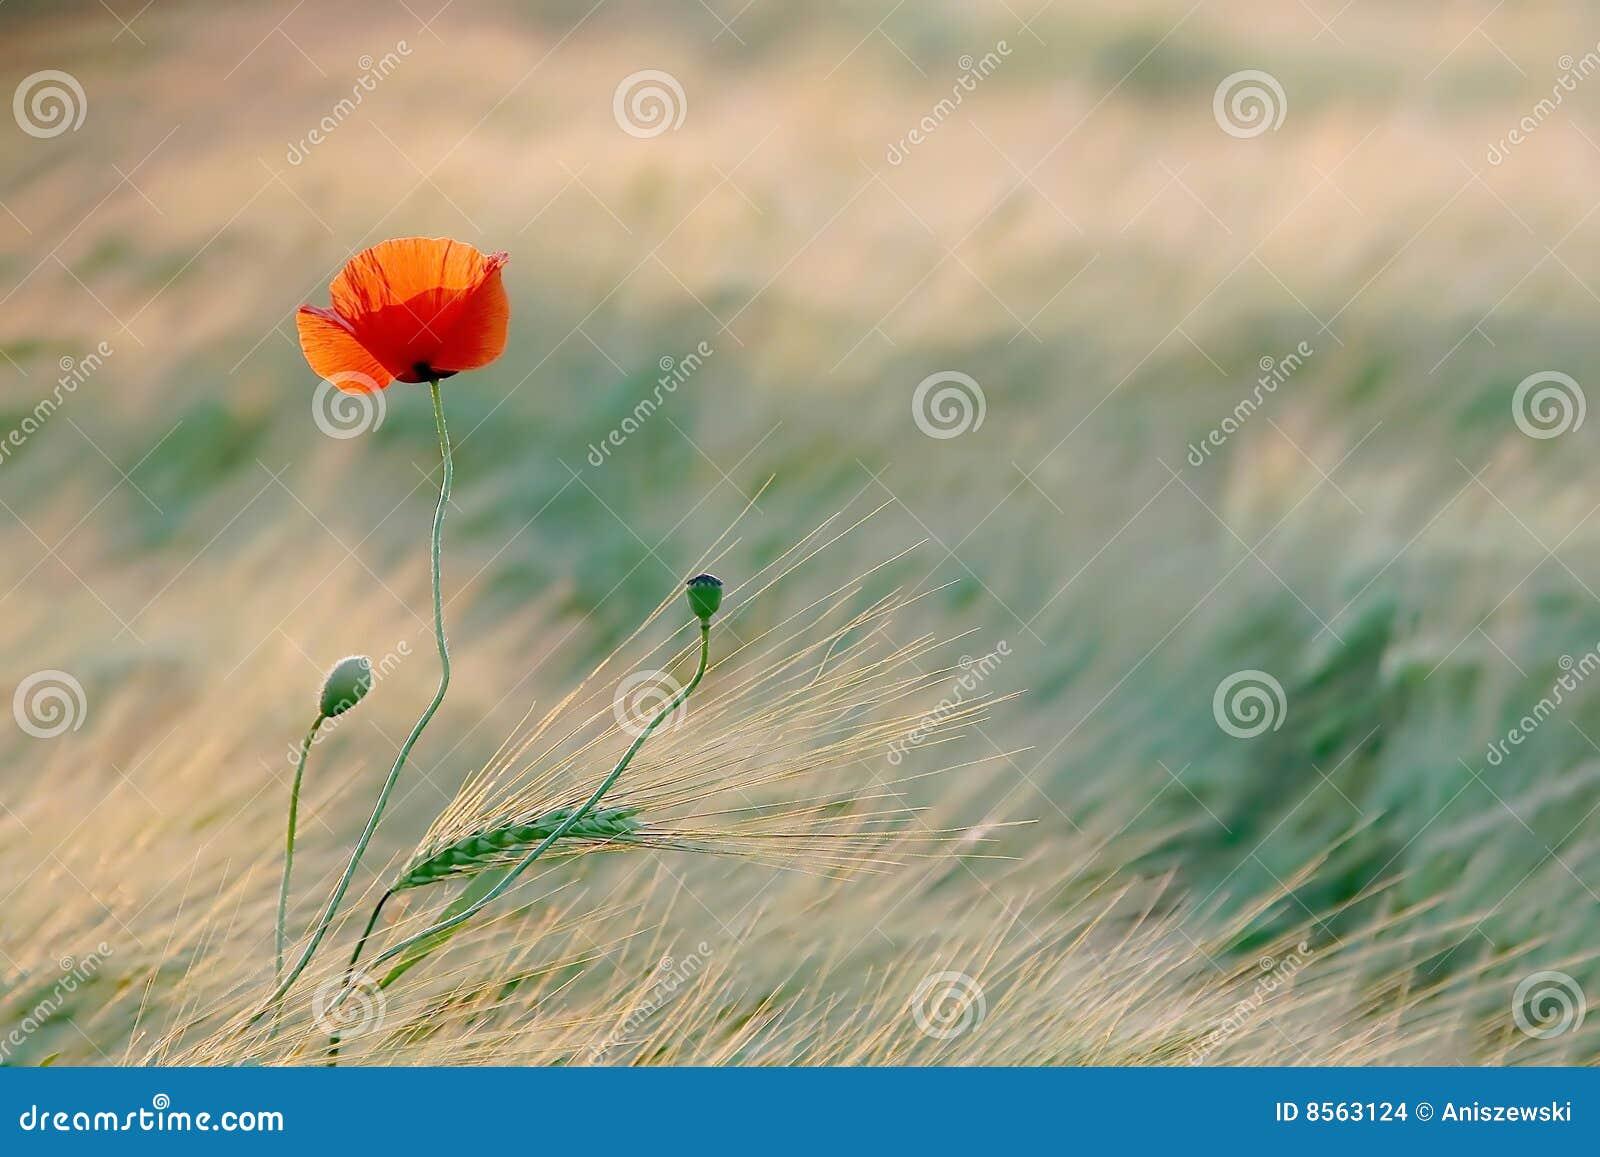 Poppy in the golden light of the sun